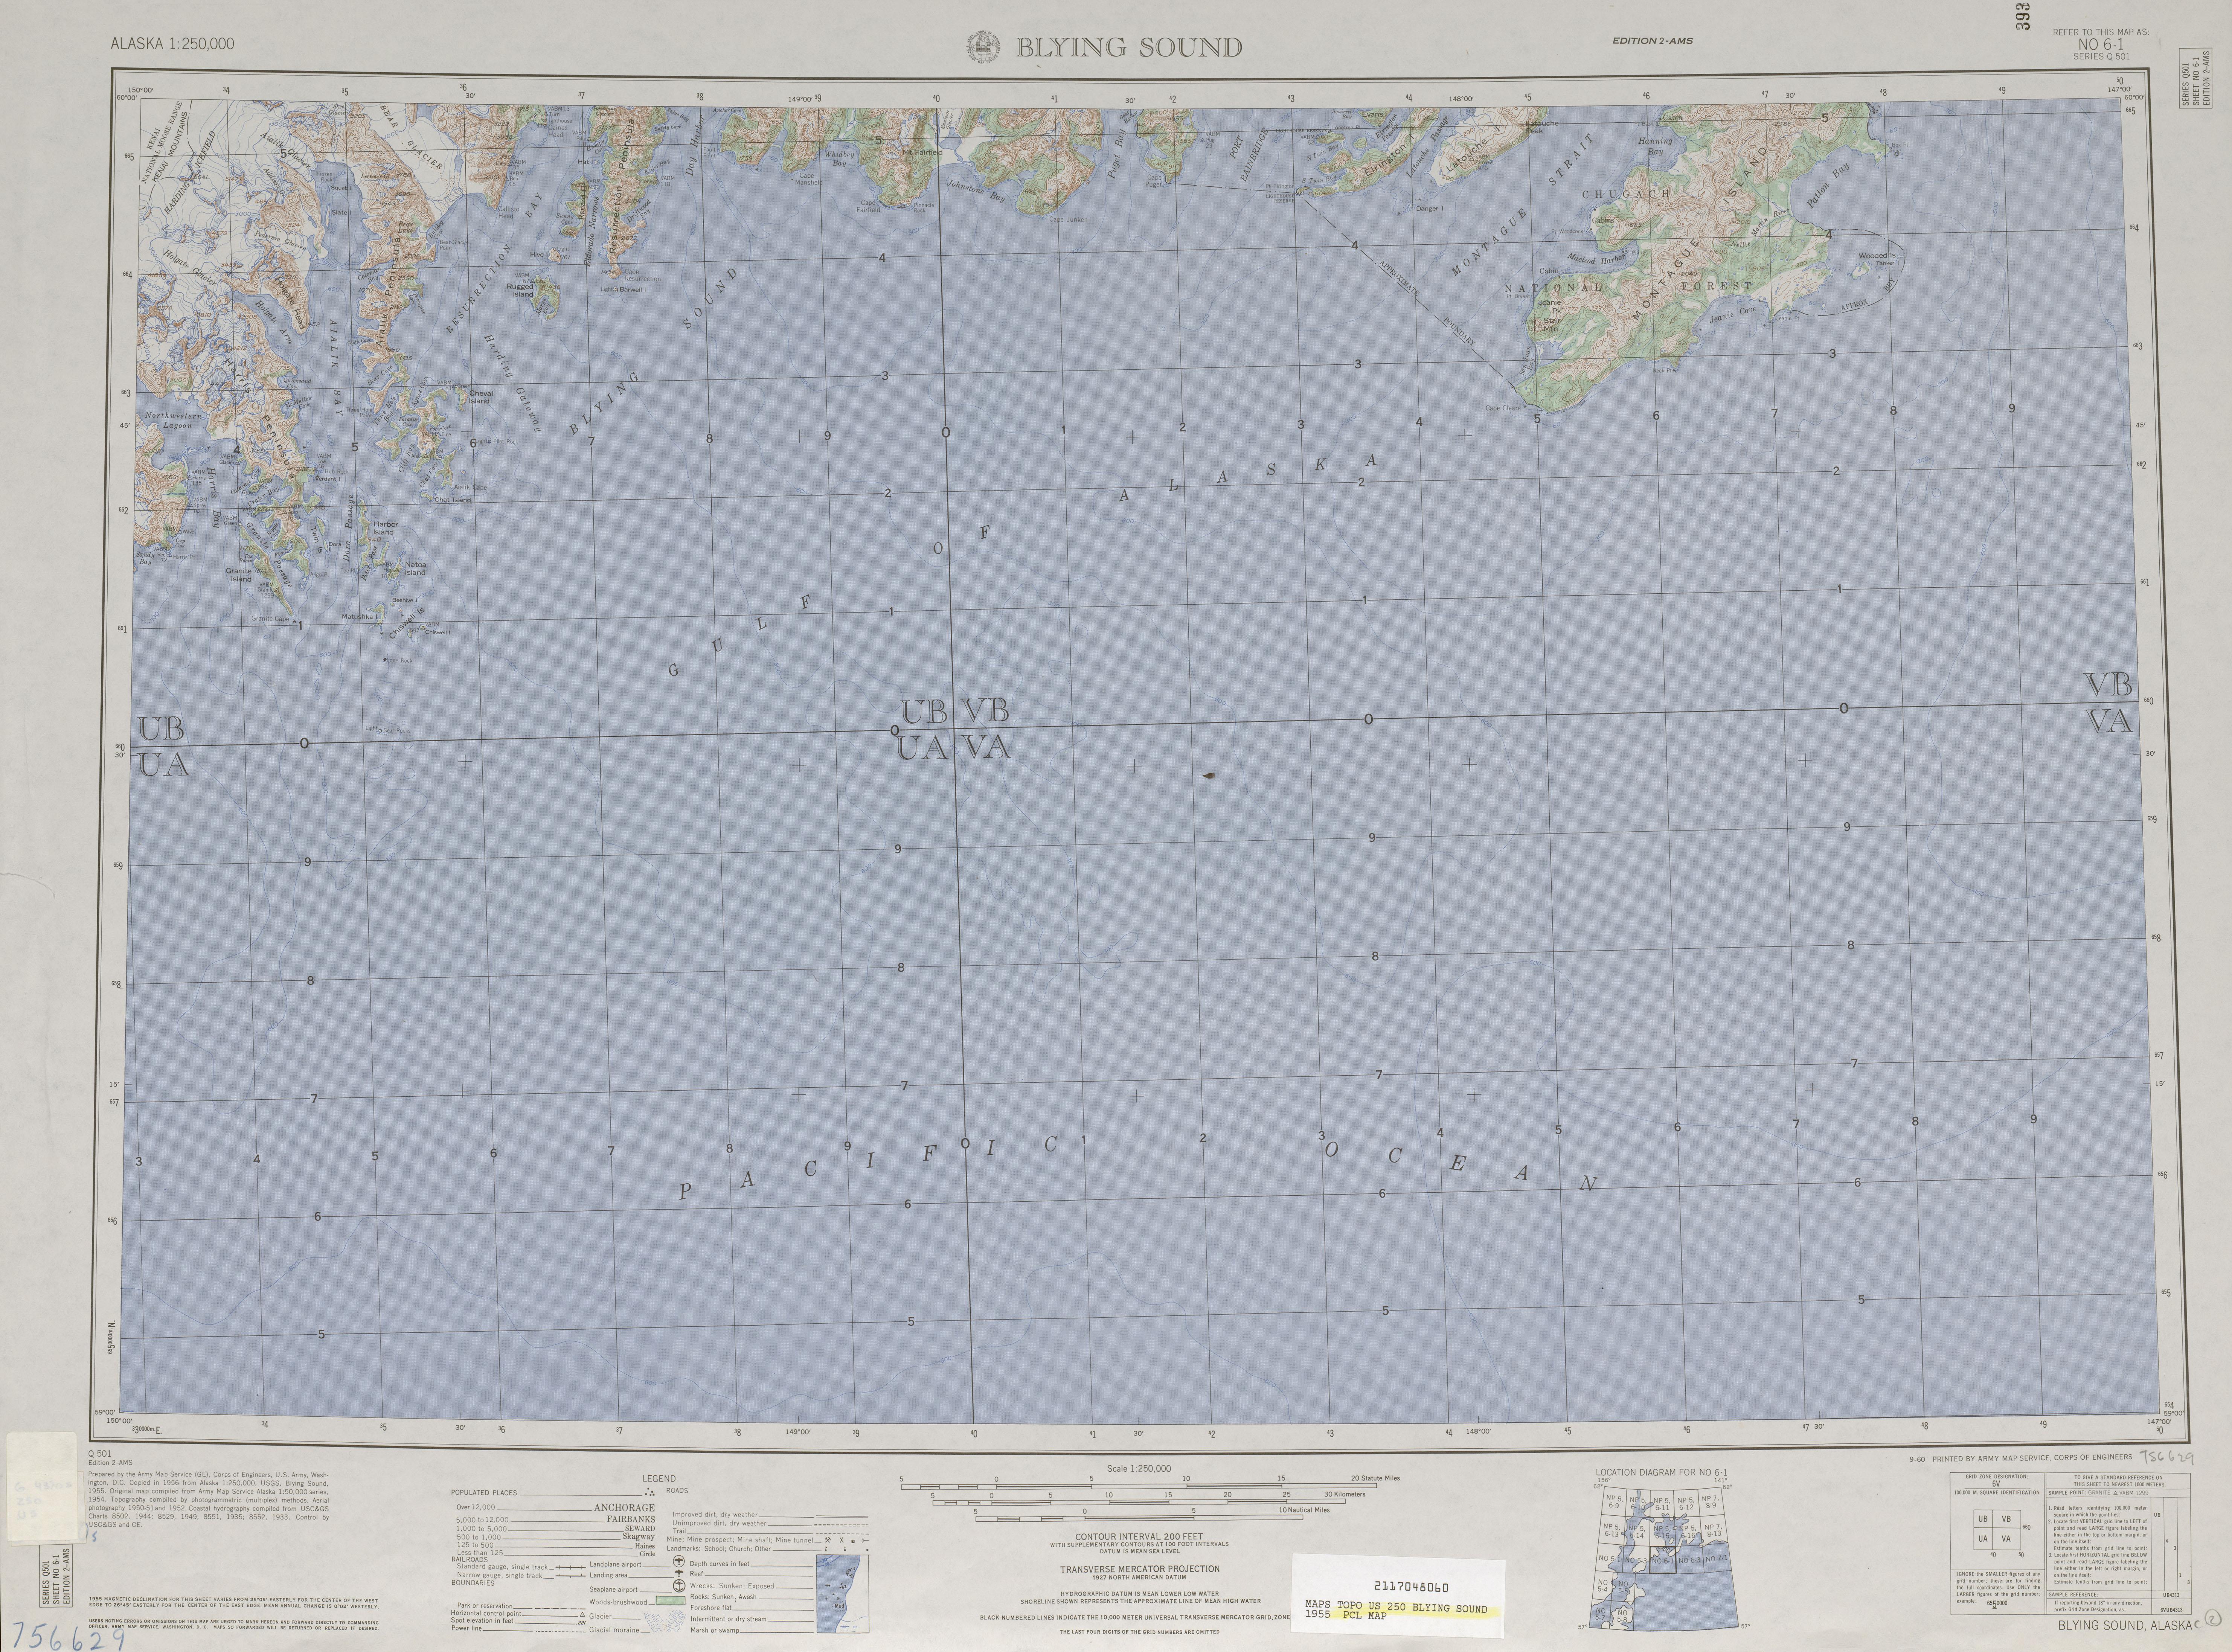 Hoja Blying Sound del Mapa Topográfico de los Estados Unidos 1955